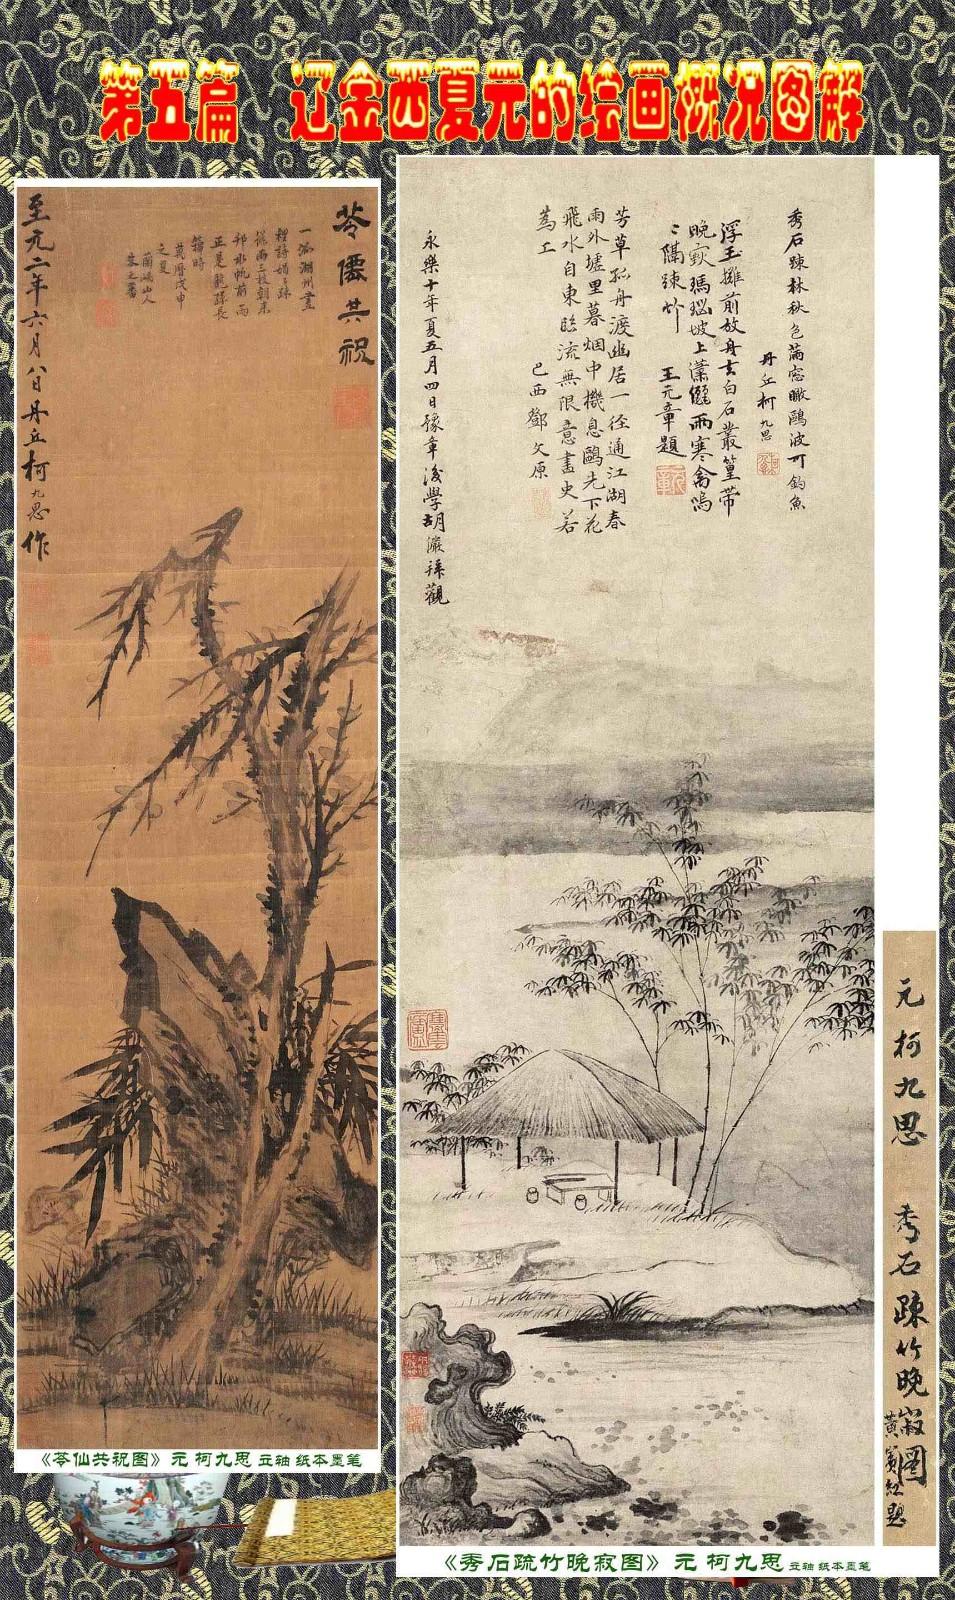 顾绍骅编辑 中国画知识普及版 第五篇 辽金西夏元的绘画概况 下 ... ..._图1-4